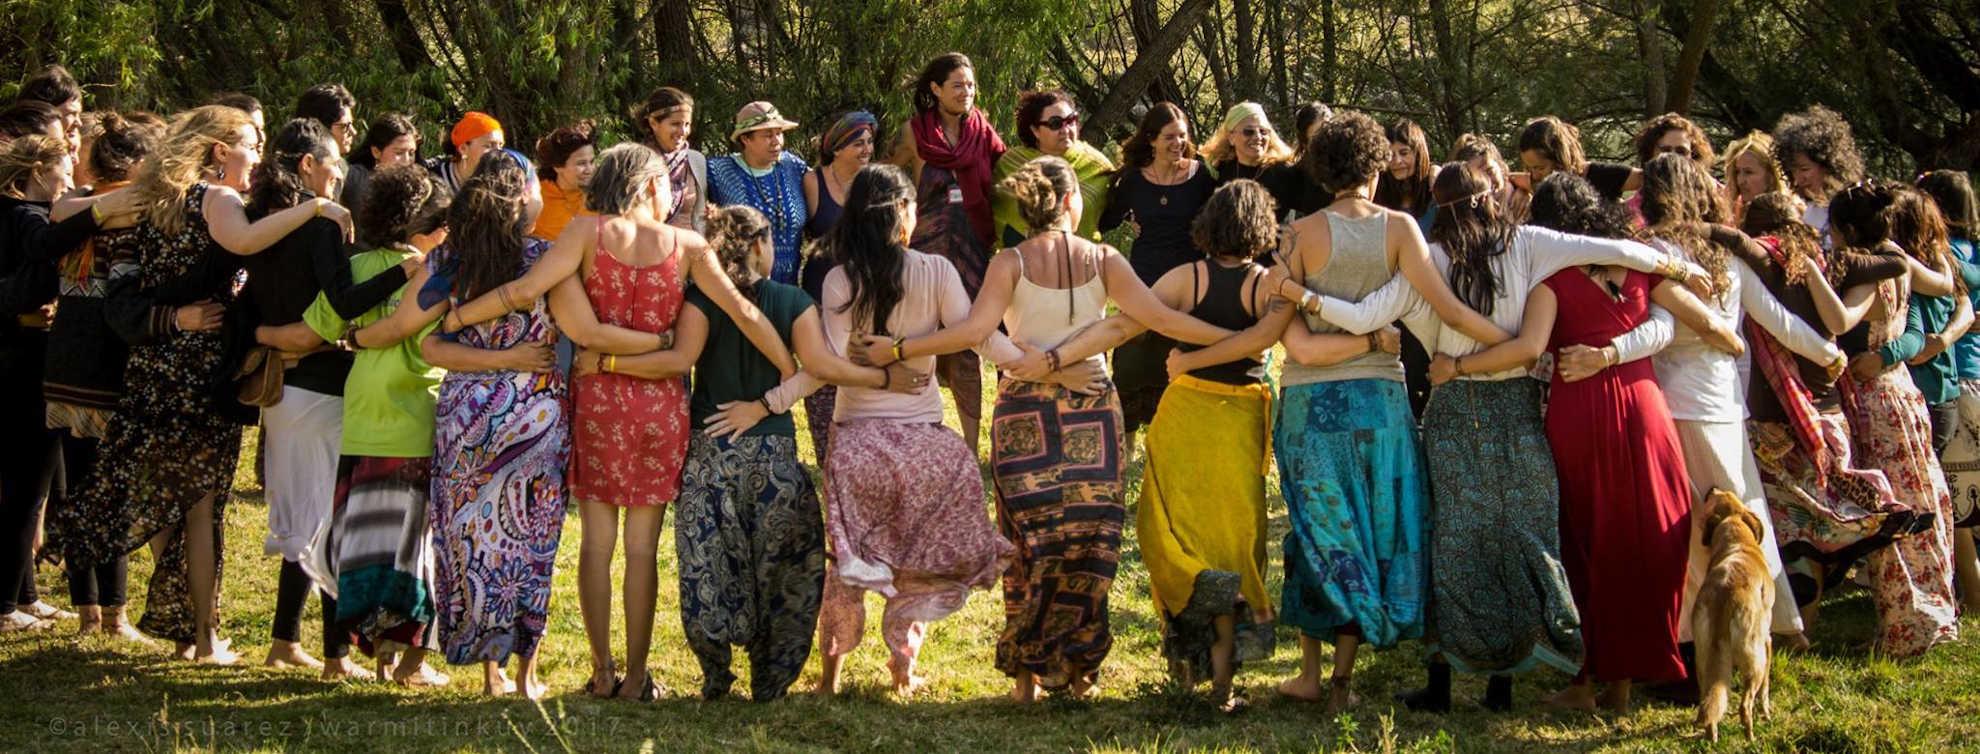 Cercle De Femmes 01 - La Danse Des Eléments